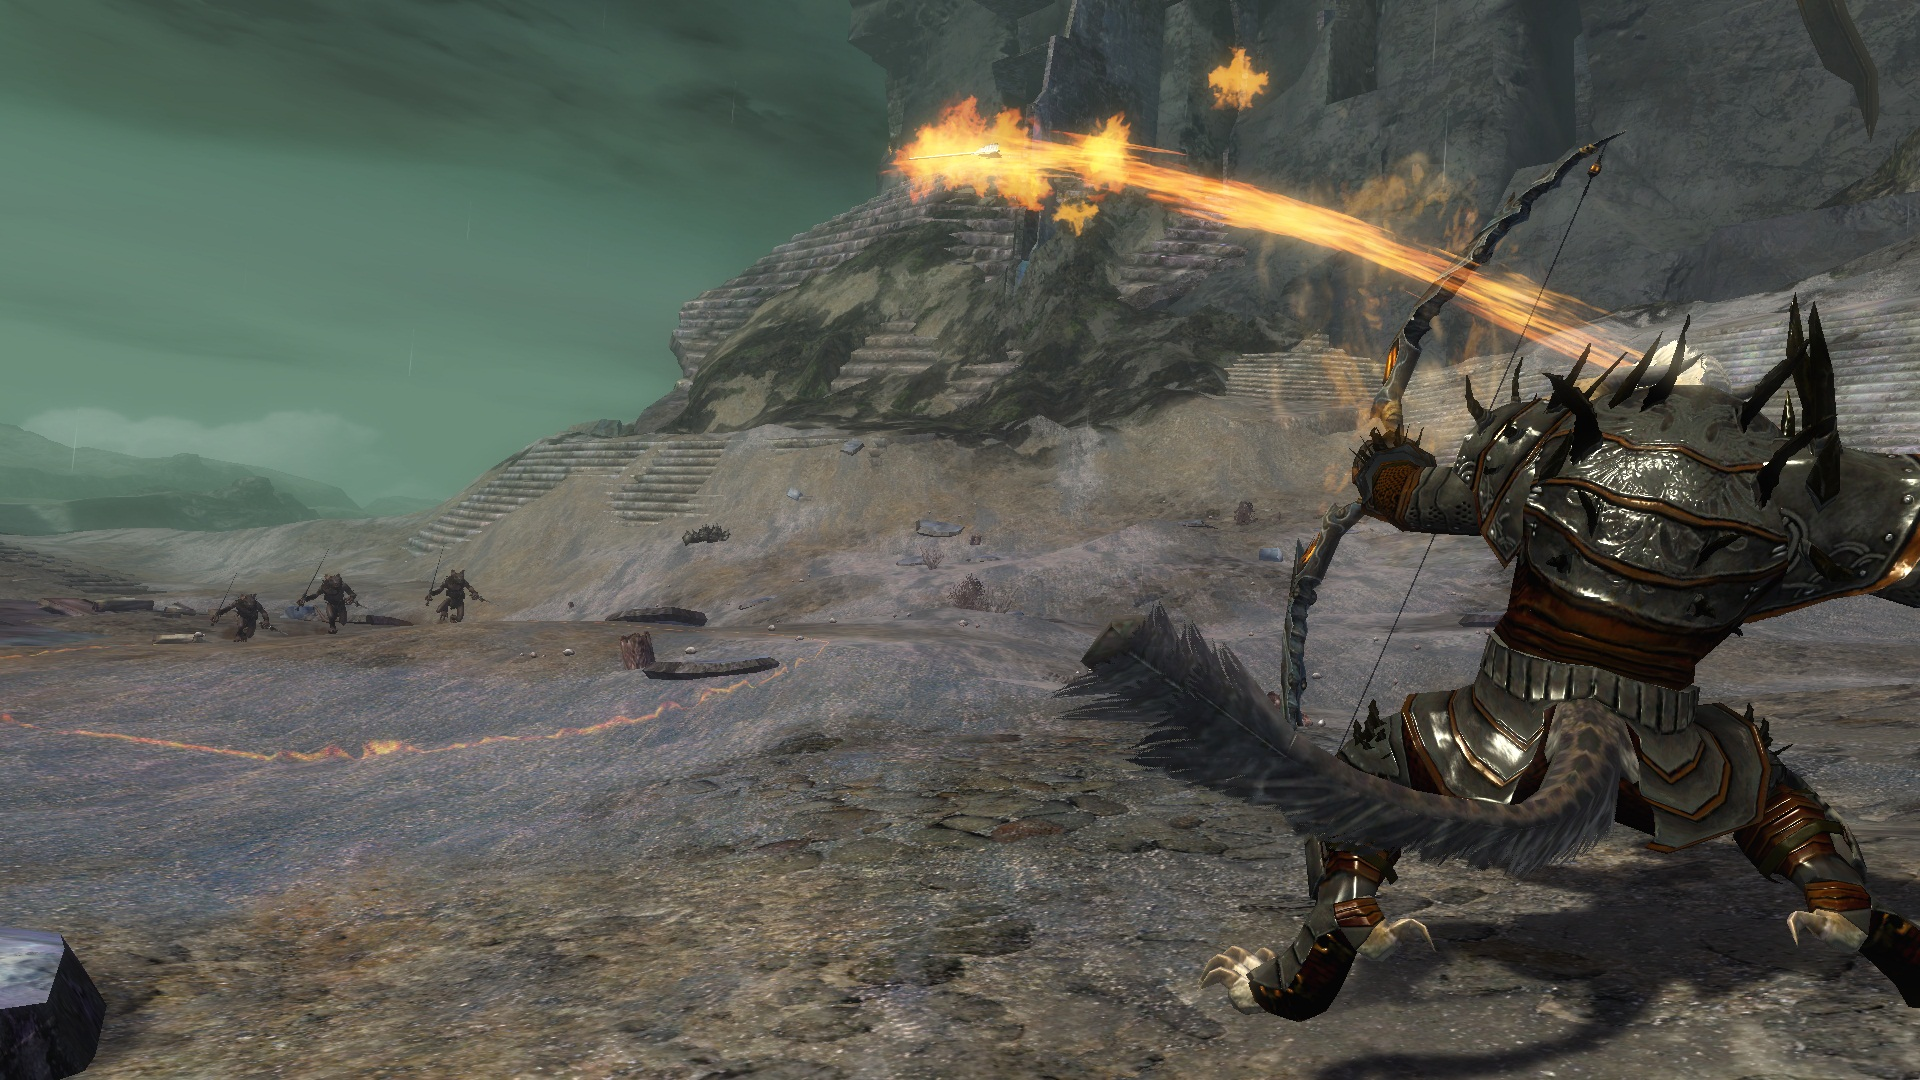 Guild Wars 2 Движок игры не будет просчитывать столкновения между персонажами